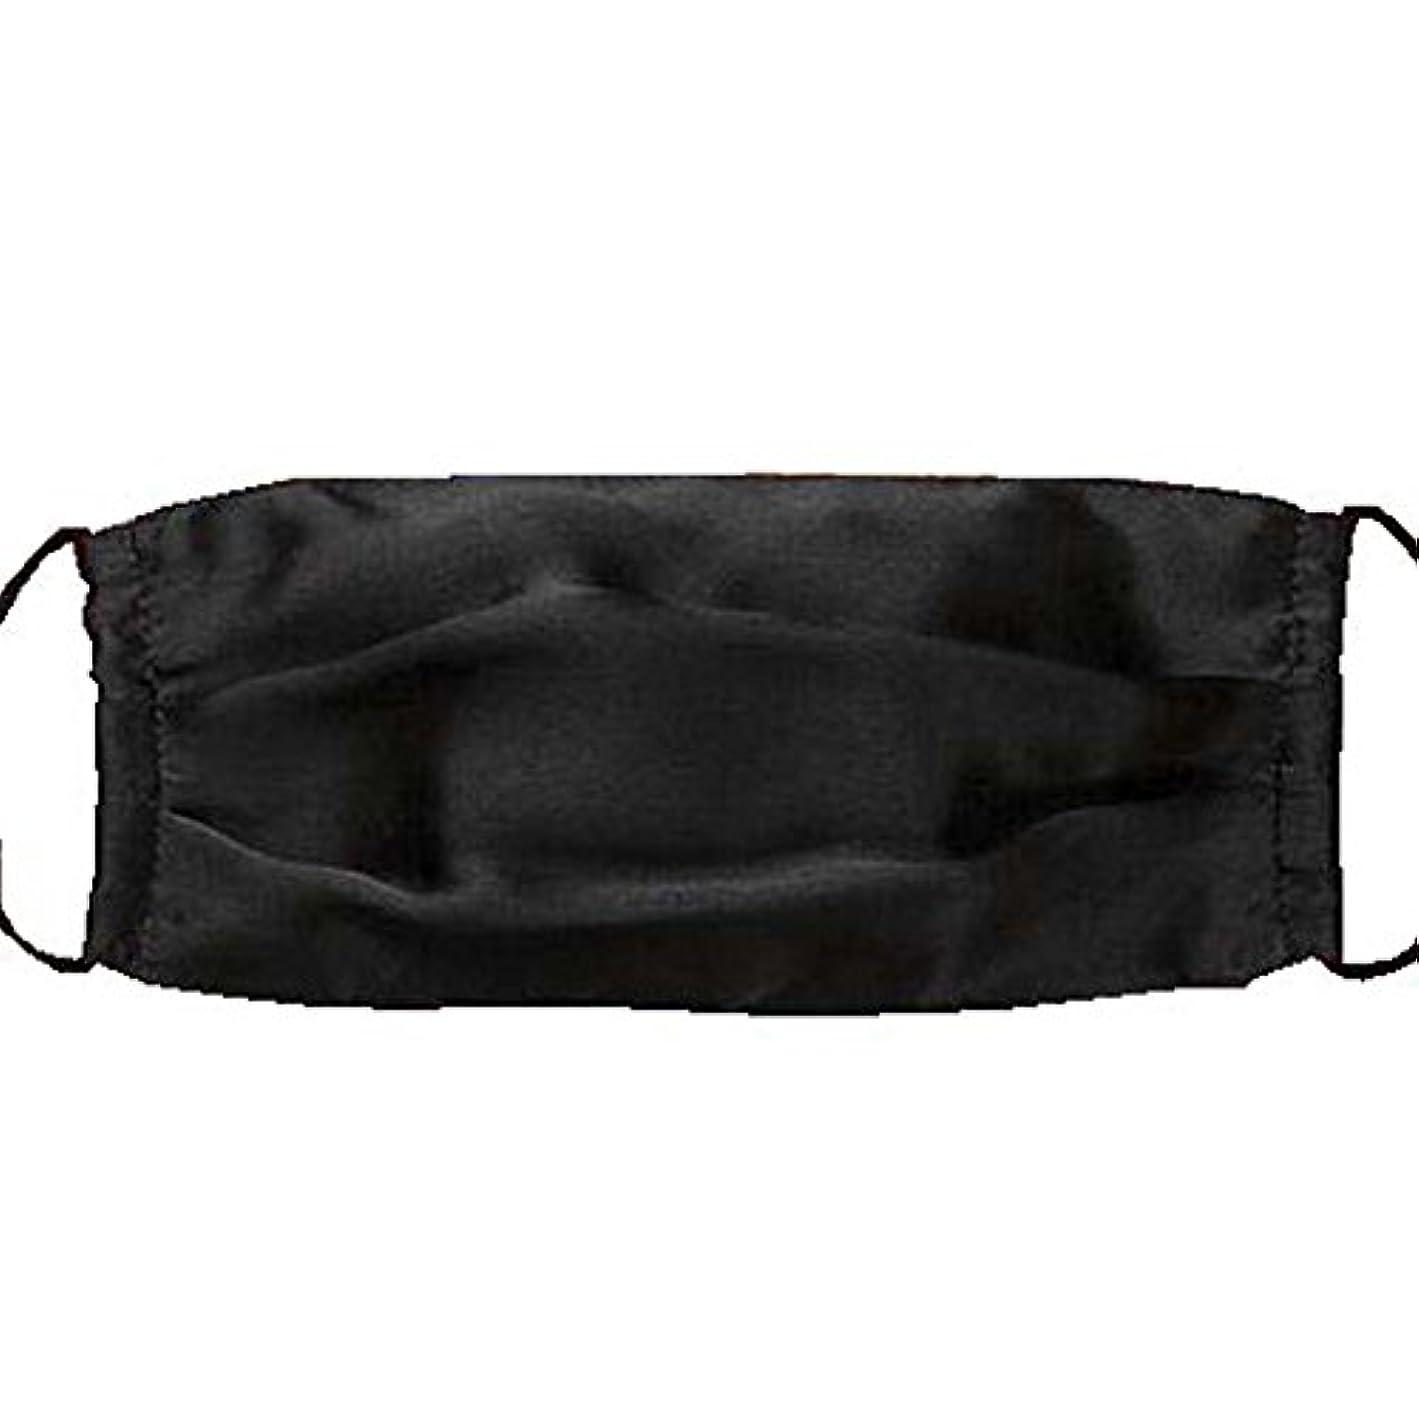 ミシン目援助する克服する再使用可能な洗浄可能な活性炭シルクウォームPM 2.5ダストマスクインフルエンザマスク